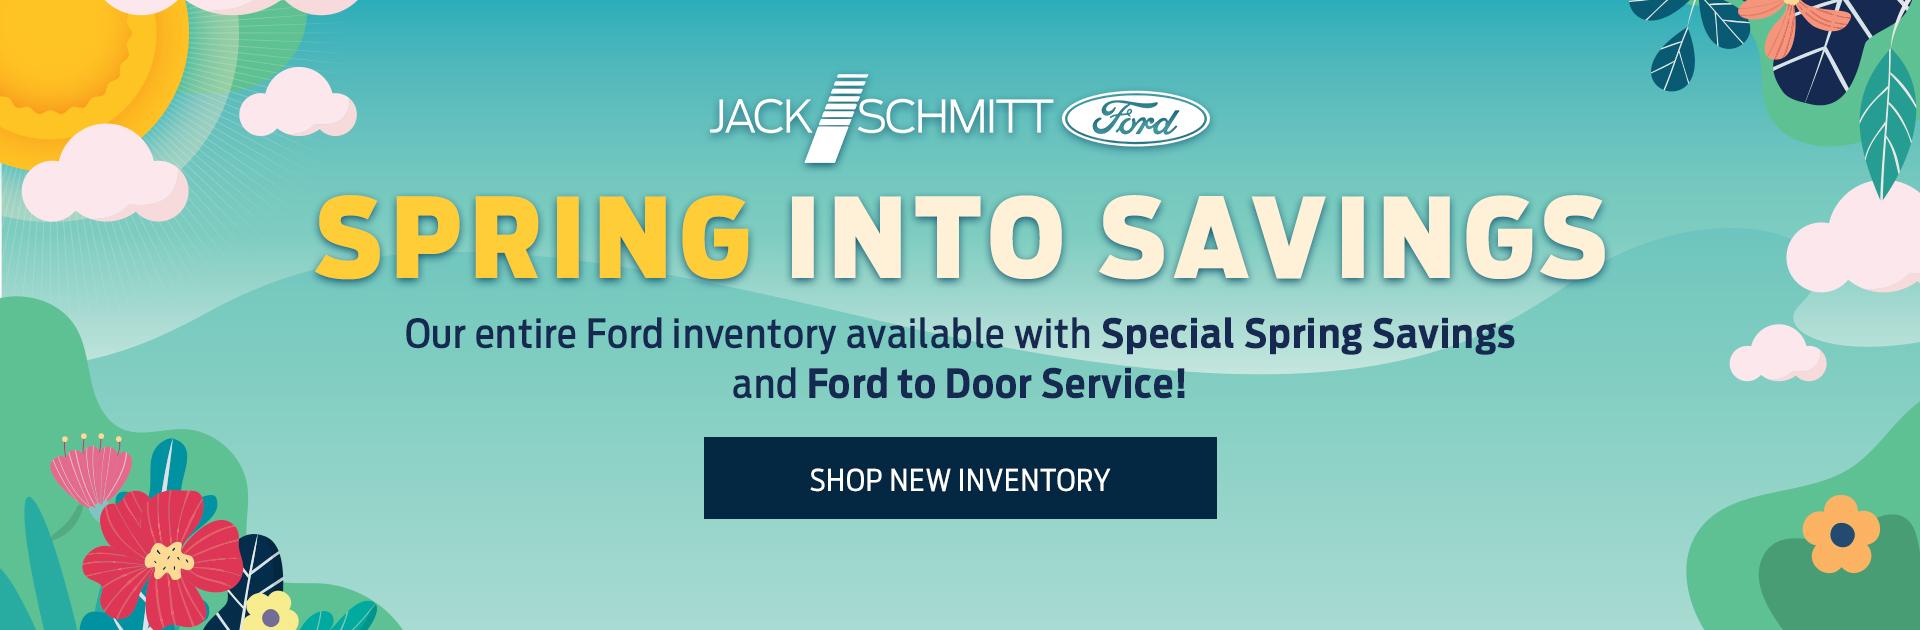 Spring Savings New Inventory